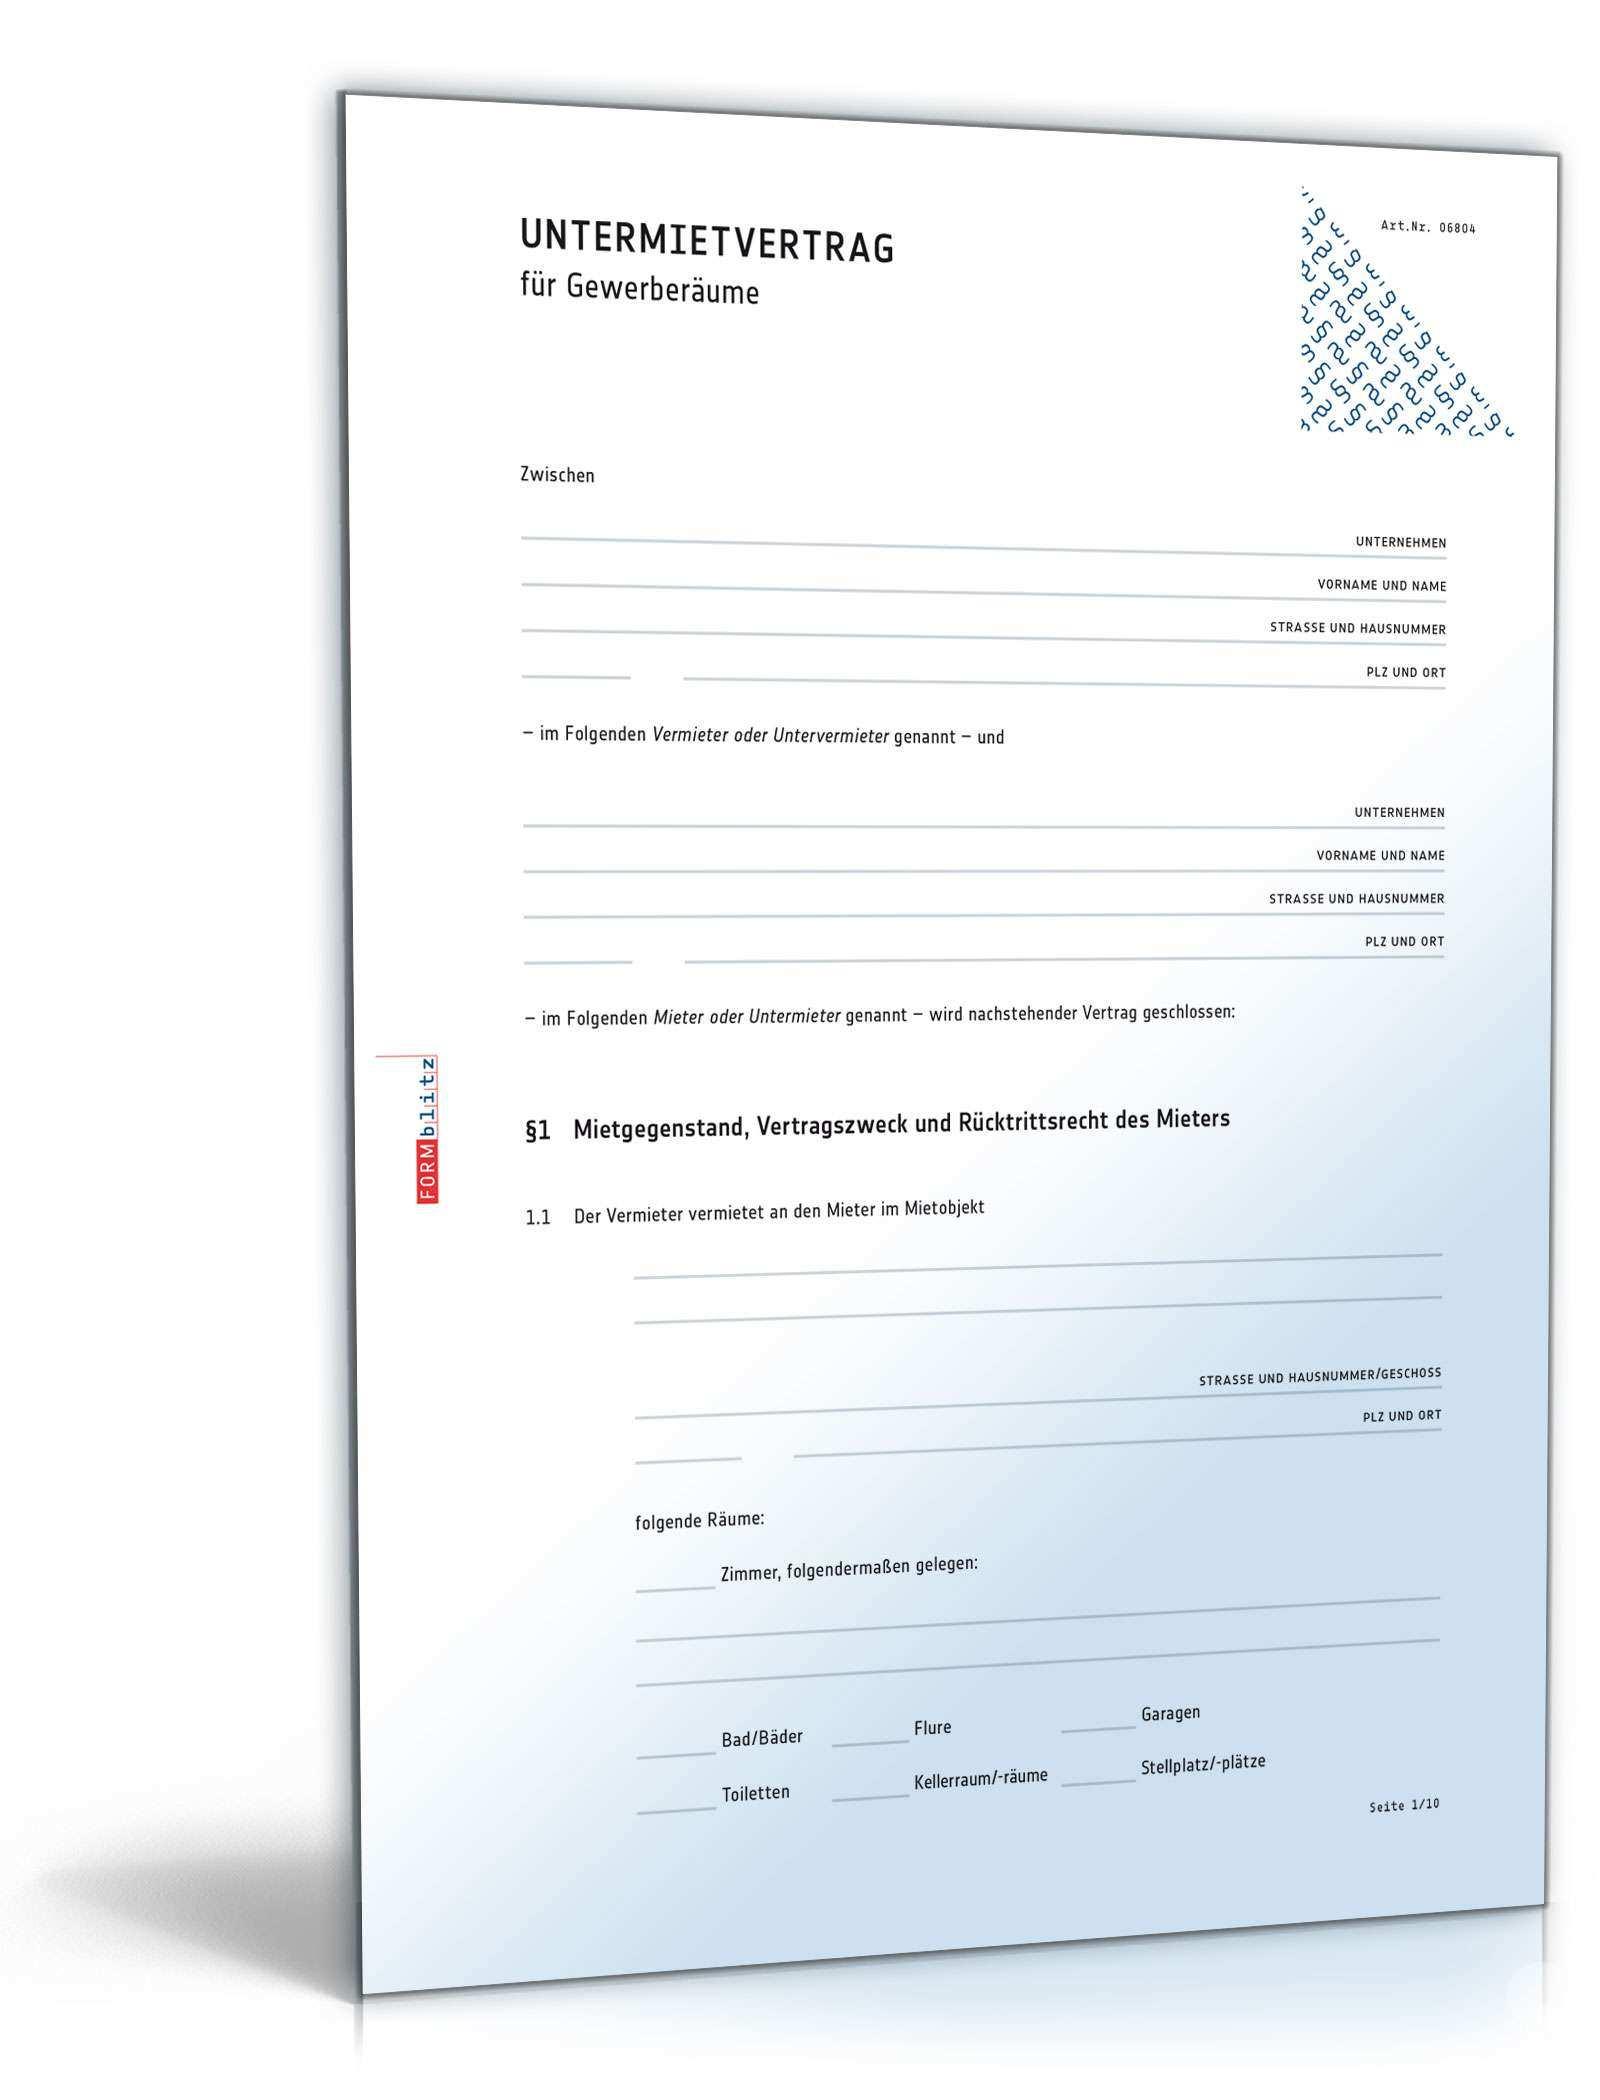 Untermietvertrag Fur Gewerberaume Muster Vorlage Zum Download